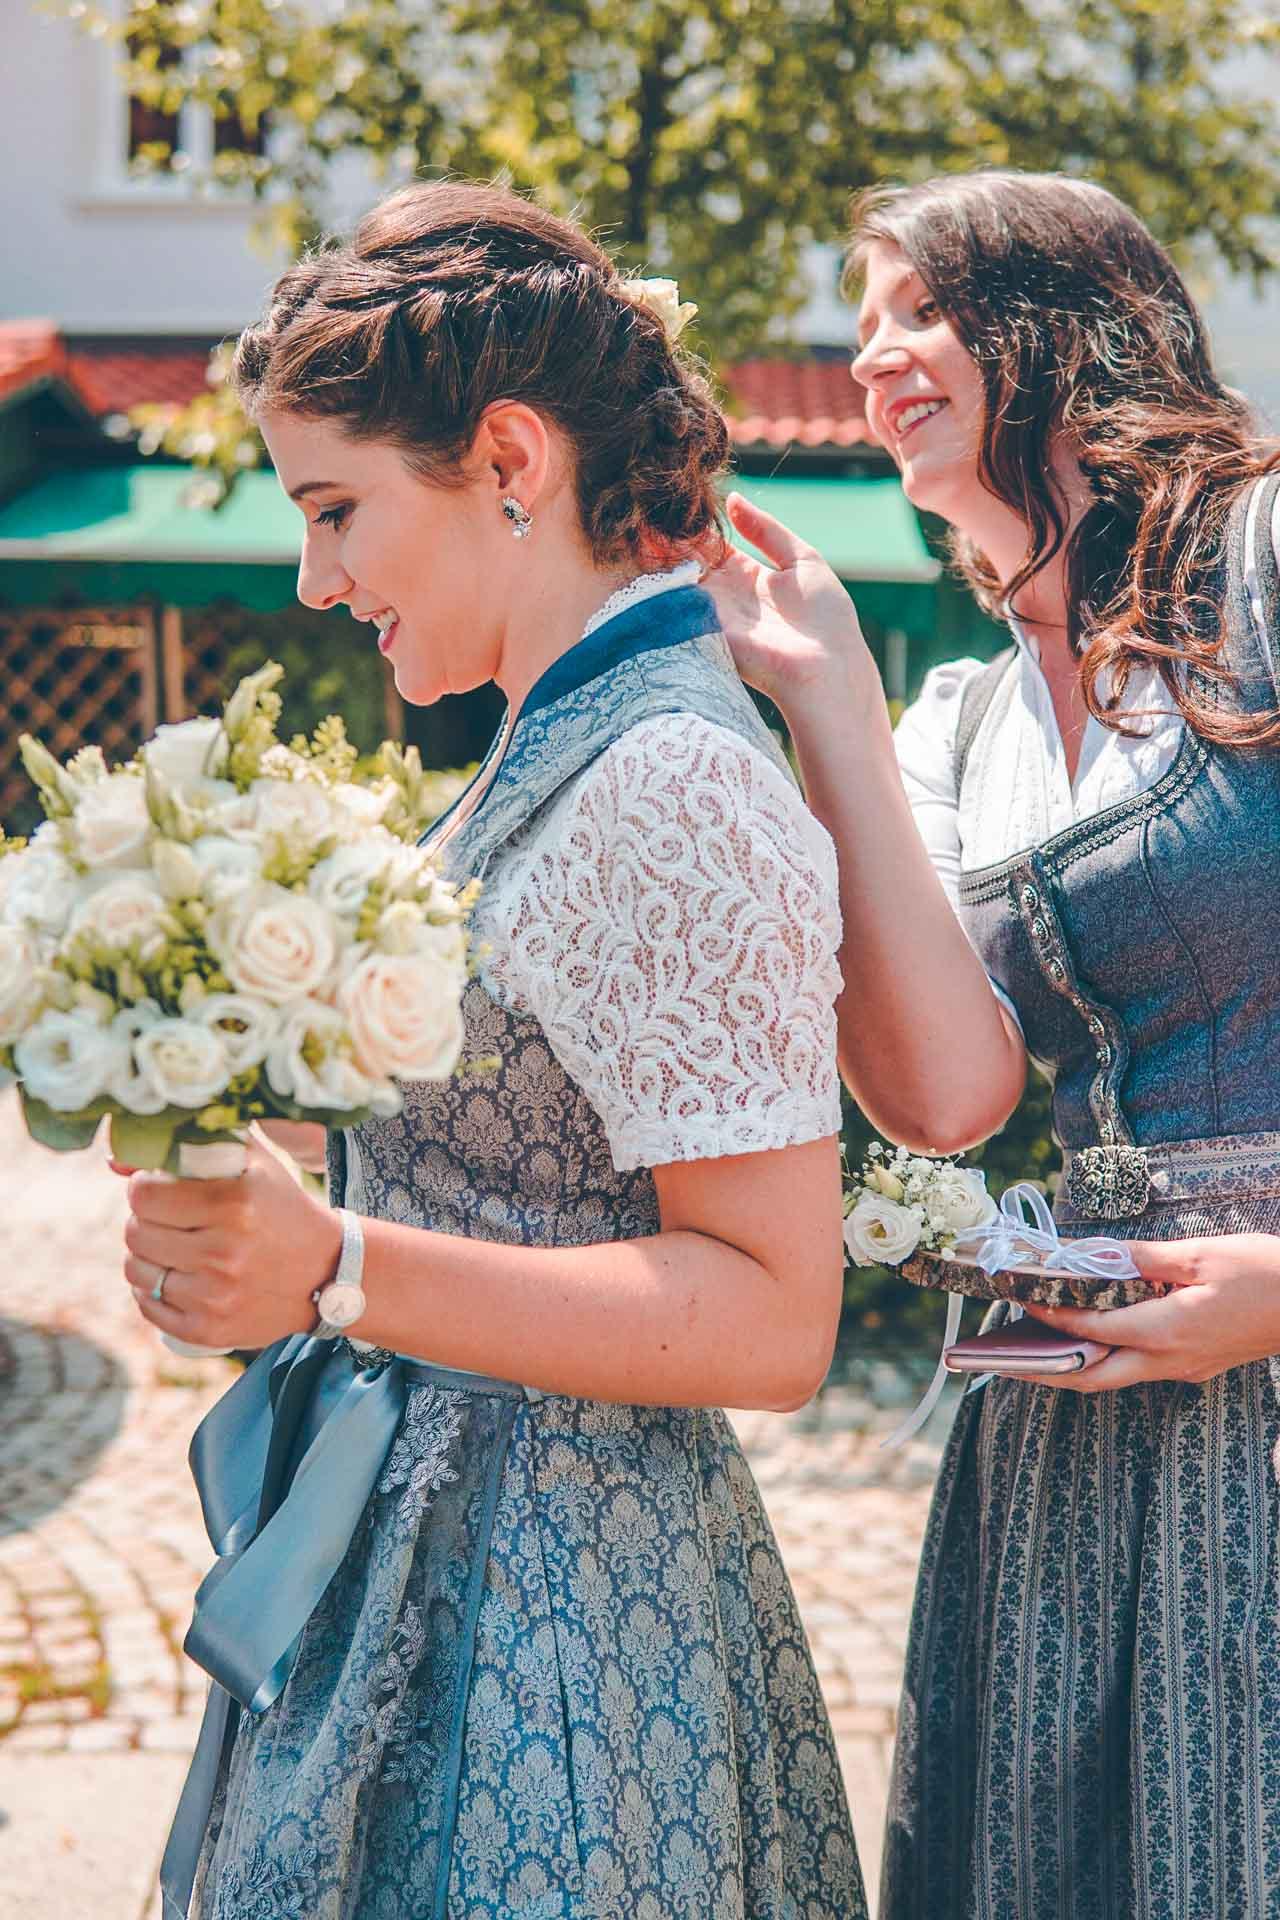 Die Braut in Tracht mit Brautstrauß